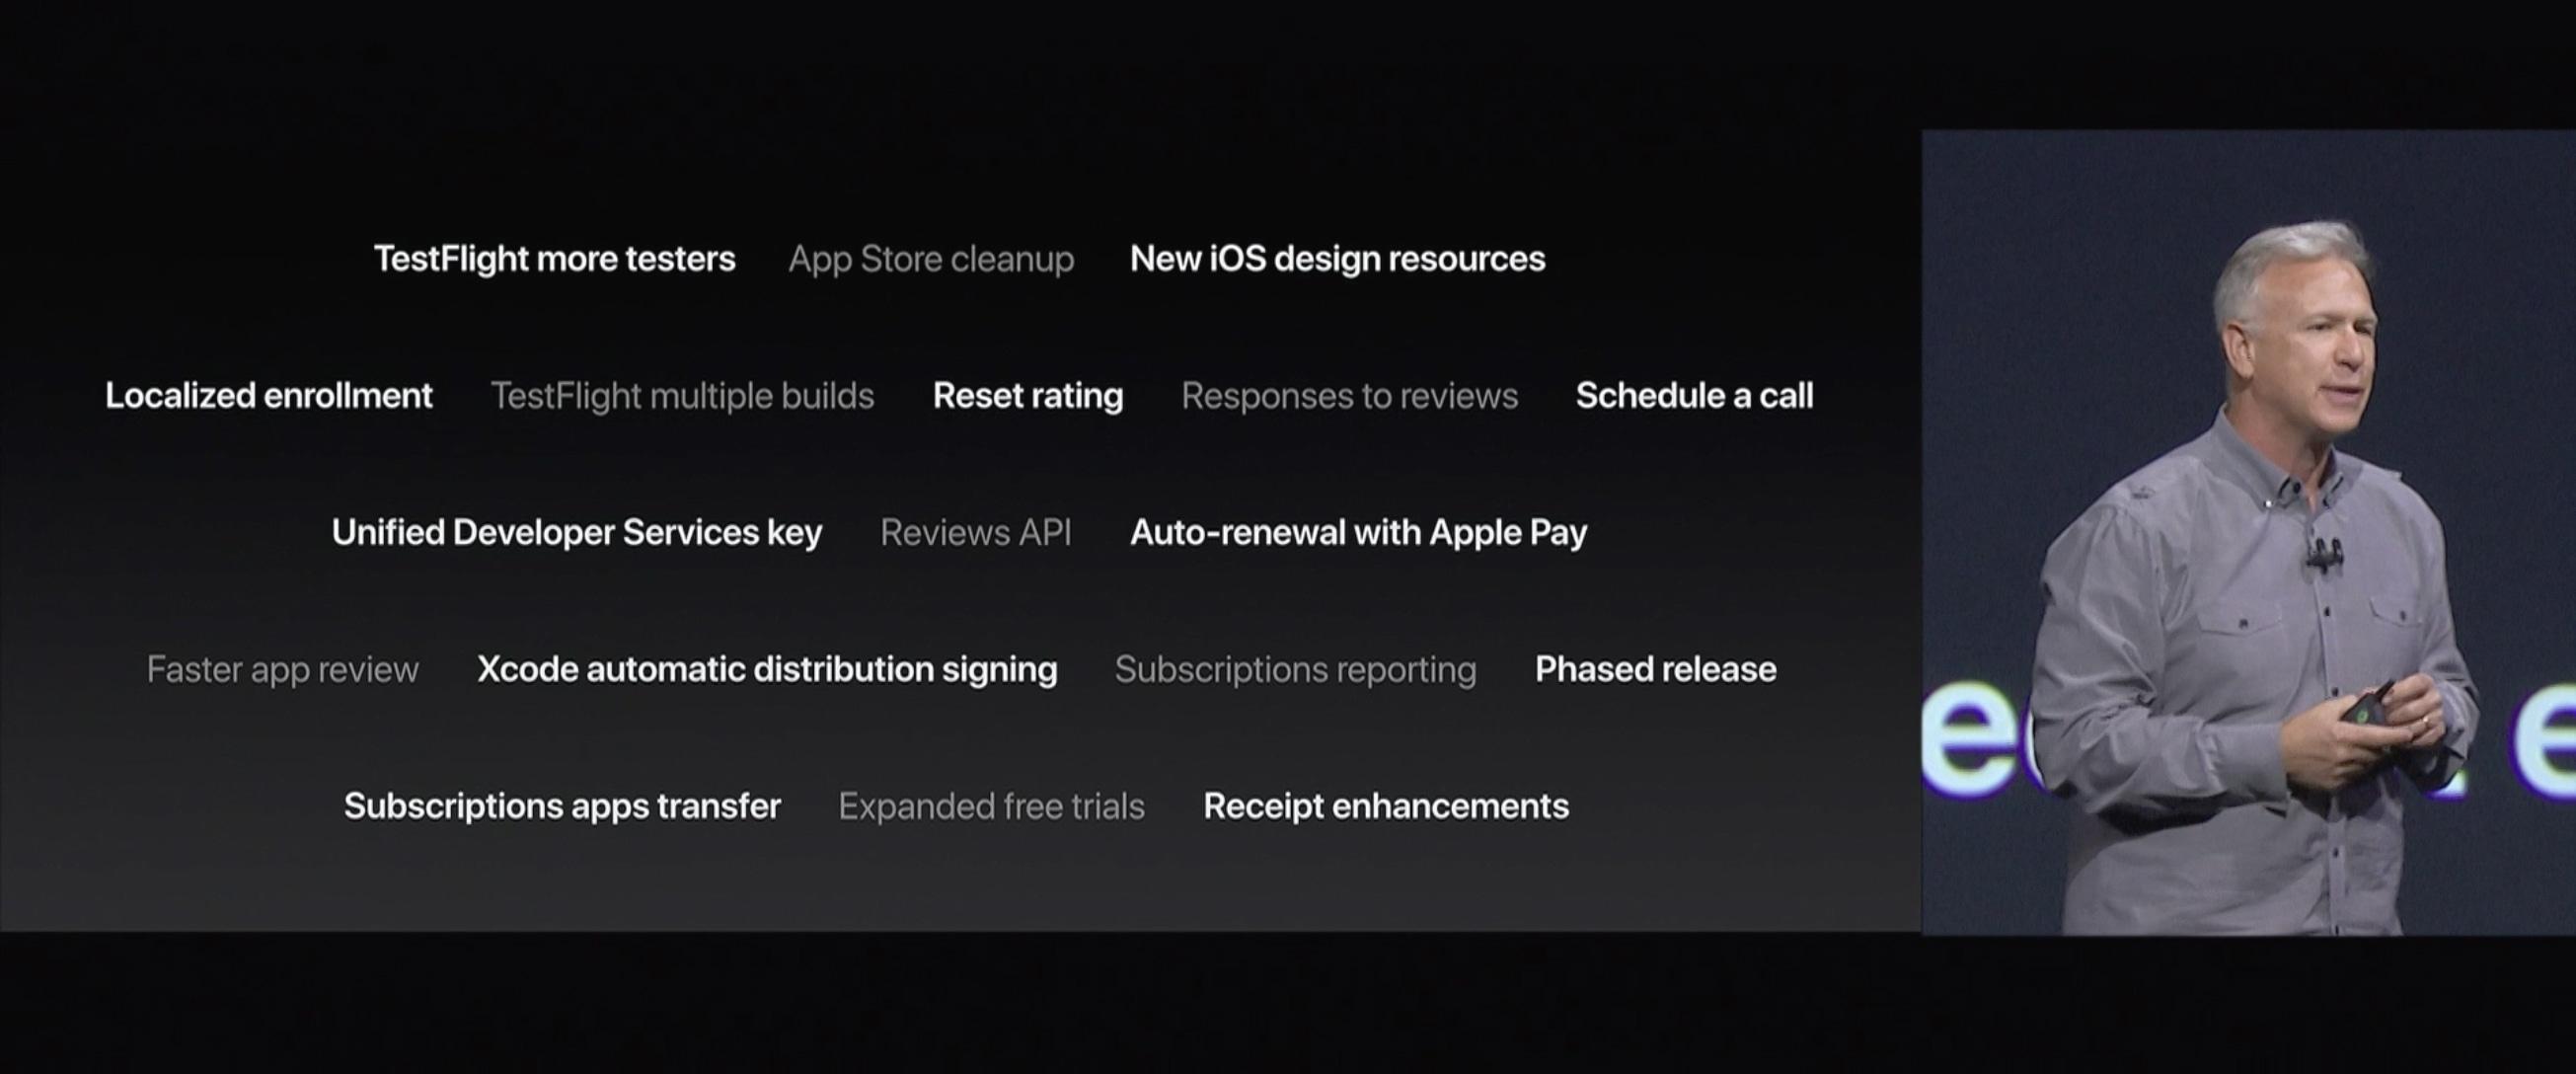 Novidades da App Store no iOS 11